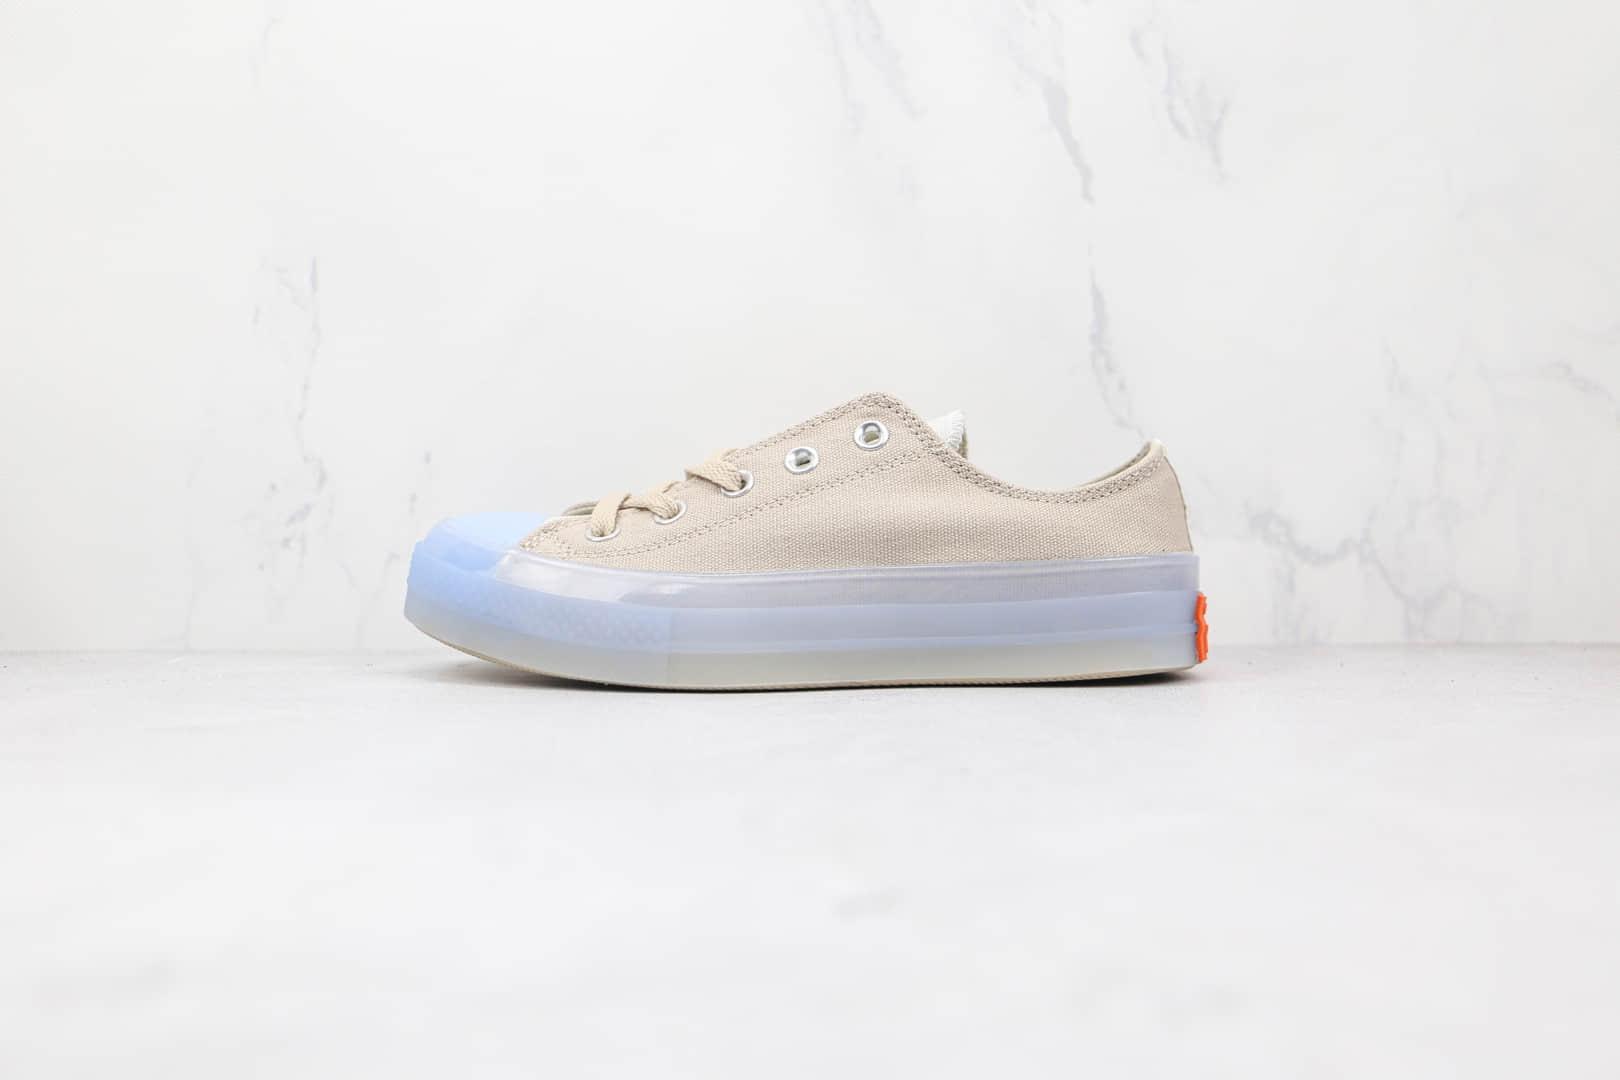 匡威Converse Chuck Taylor All Star CX公司级版本低帮果冻透明水晶底米色帆布鞋原盒原标 货号:171401C